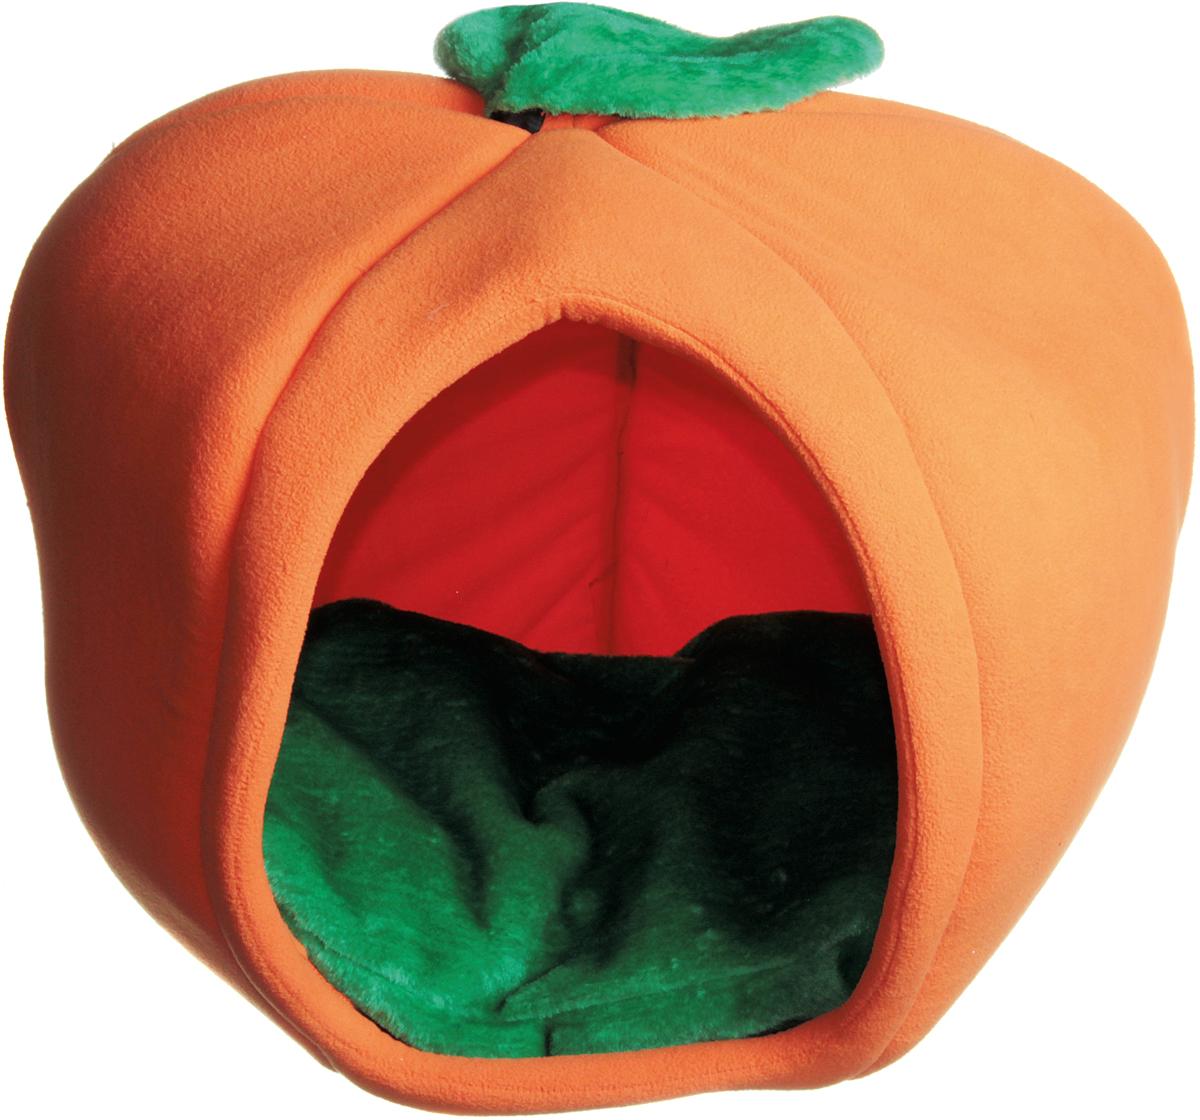 Домик для кошки Зооник Тыква, цвет: оранжевый, зеленый, 50 х 50 х 40 см0120710Домик Тыква для кошек и маленьких собак обязательно понравится вашему питомцу. Изготовлен из мягкого флиса. Домик станет любимым местом отдыха вашего любимца и дополнит ваш интерьер необычным дизайном.Ваш любимец сразу же захочет забраться внутрь, там он сможет отдохнуть и спрятаться. Компактные размеры позволят поместить домик, где угодно, а приятная цветовая гамма сделает его оригинальным дополнением к любому интерьеру.